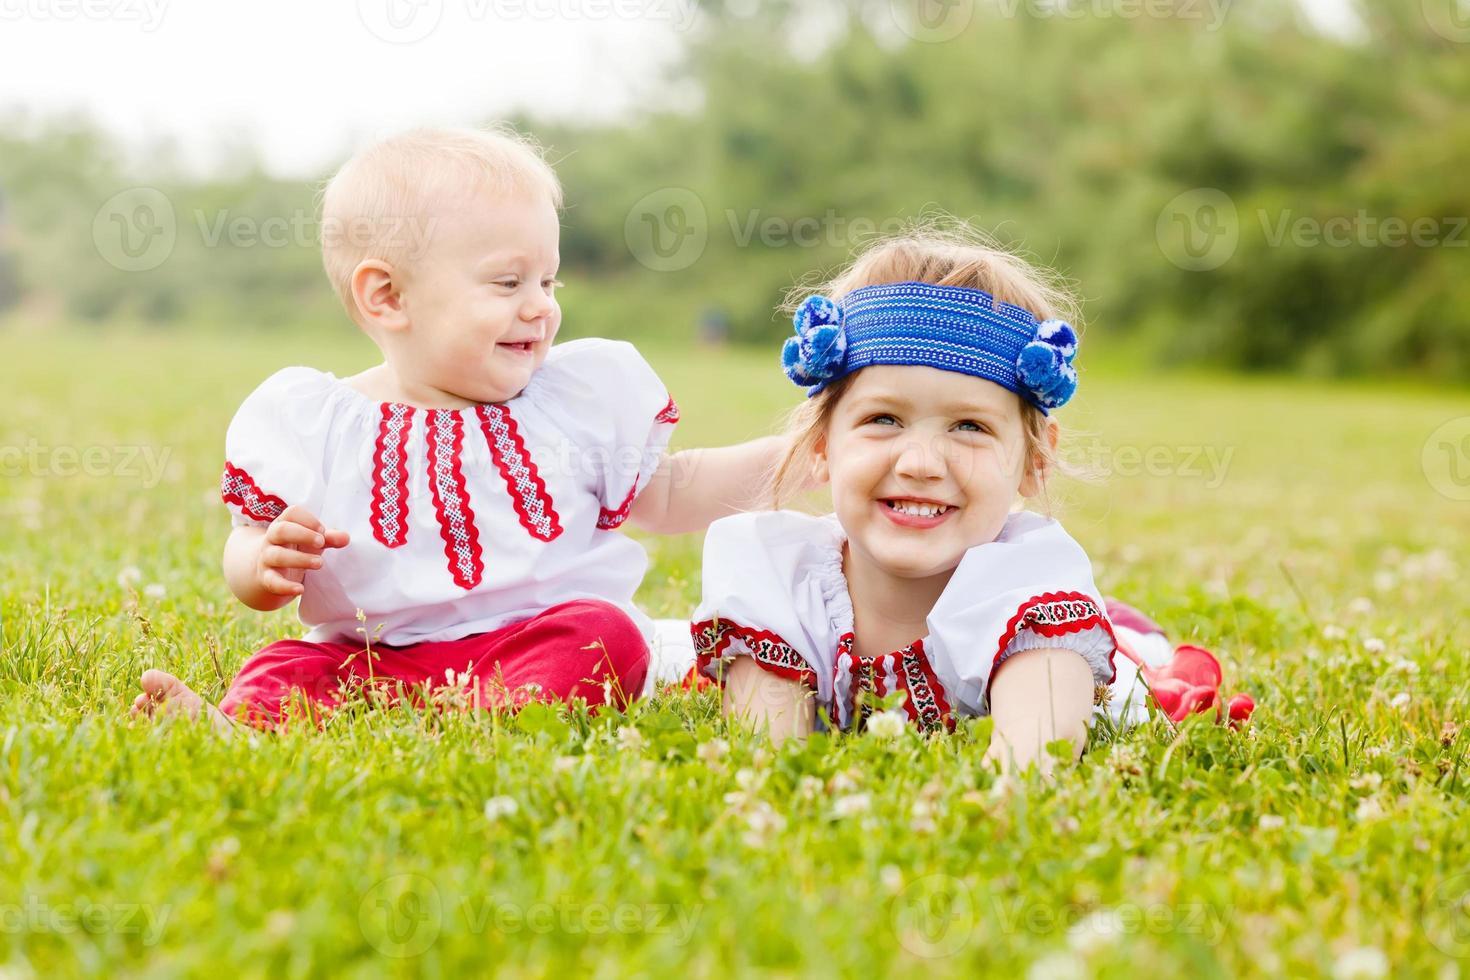 enfants en vêtements folkloriques photo